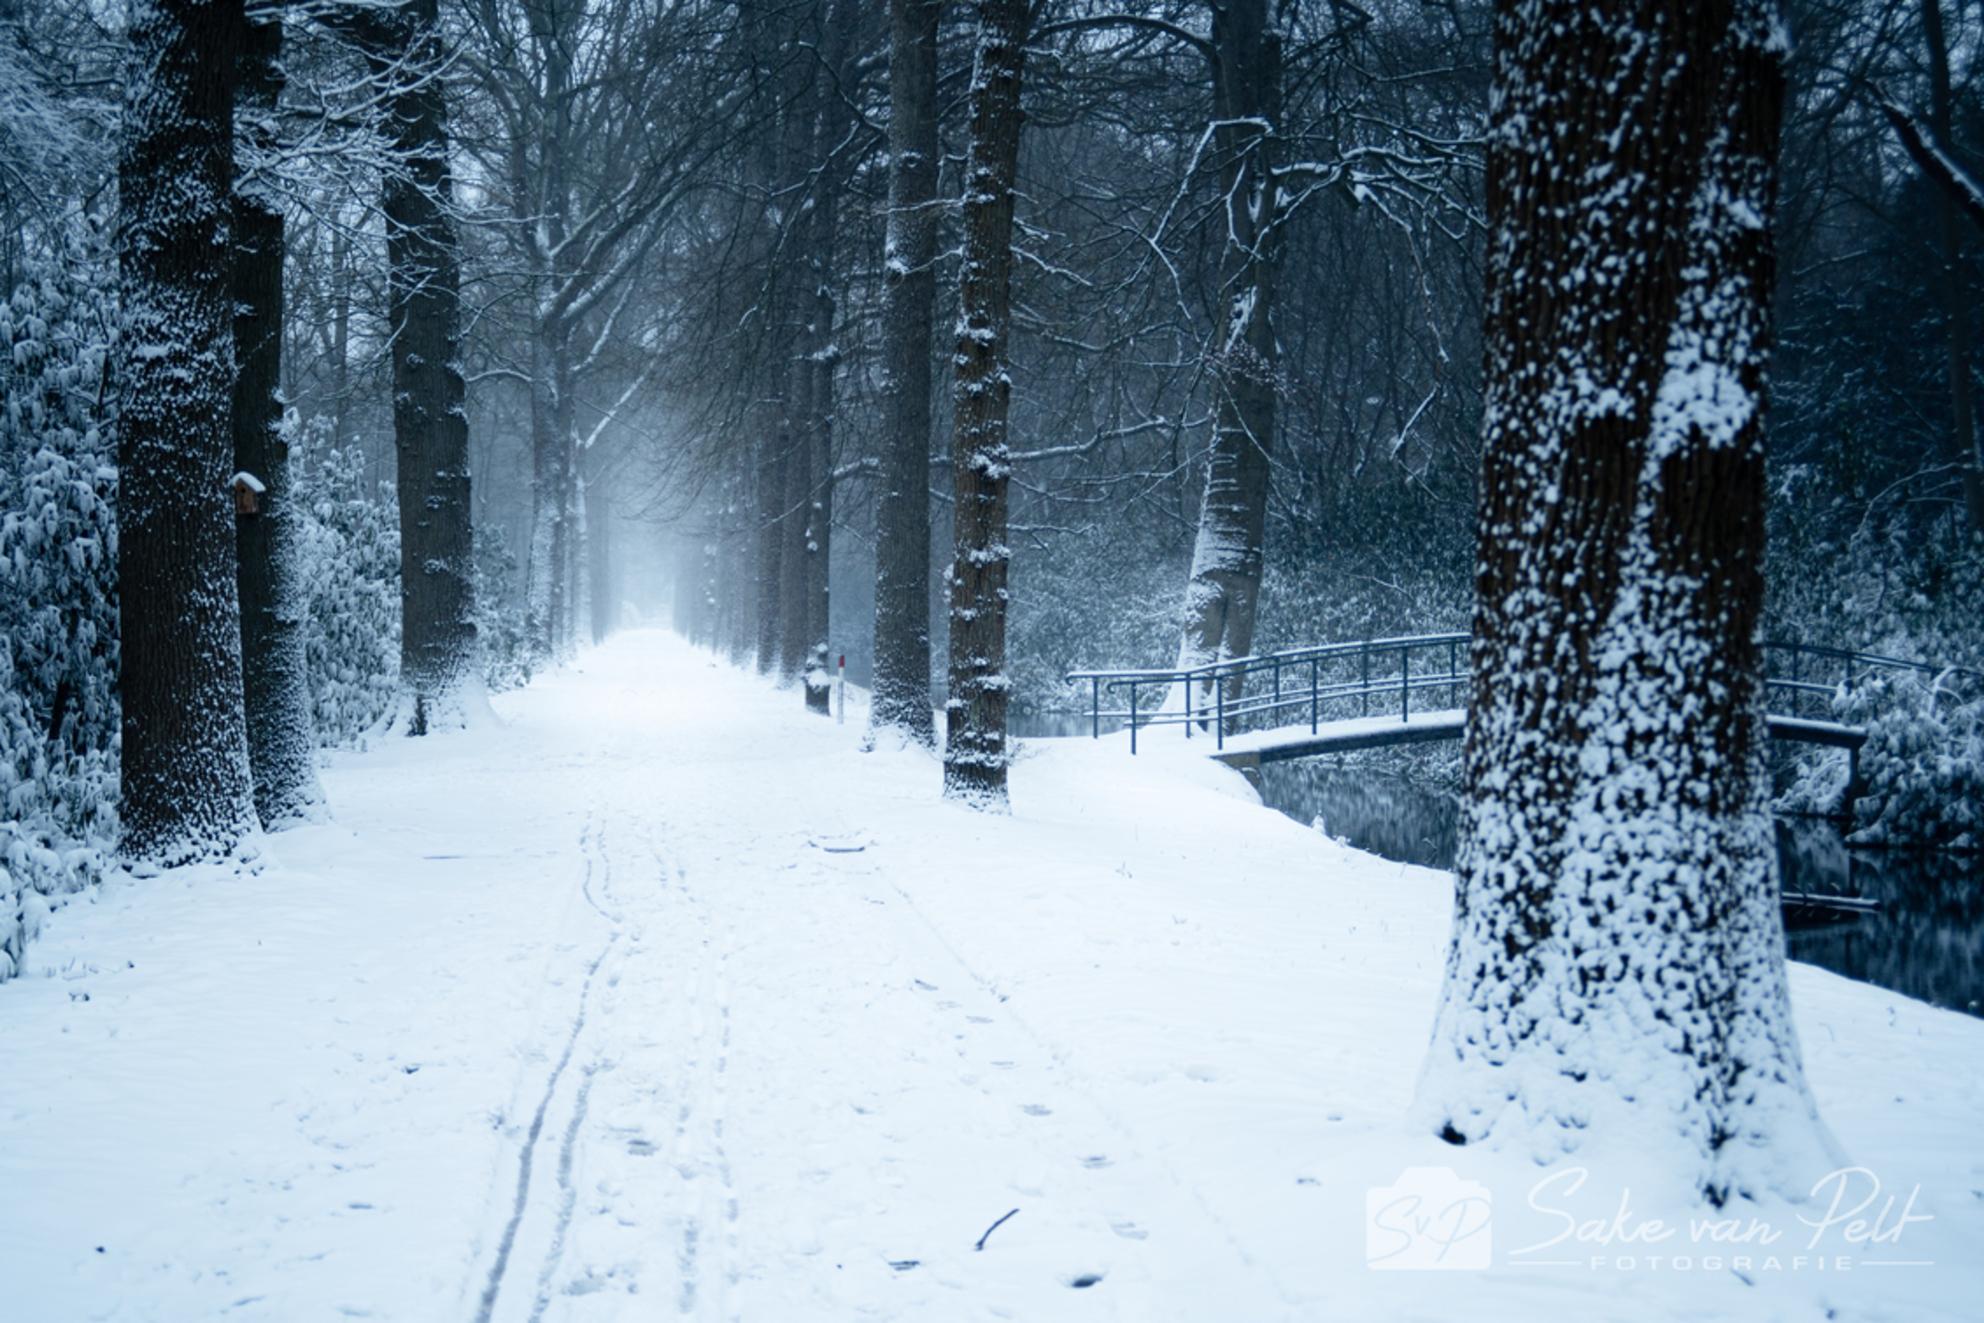 Sneeuwbrug - Oh wat is sneeuw toch fantastisch! Je waant je echt in een andere wereld! Met onze zoon goed ingepakt, met een warme kruik in zijn voetenzak en de re - foto door Sake-van-Pelt op 09-02-2021 - deze foto bevat: lucht, wolken, boom, water, natuur, druppel, licht, sneeuw, winter, sporen, ijs, landschap, mist, bos, beukenlaan, brug, beuk, nederland, weg, kou, bruggetje, laan, horsten, sneeuwstorm, beuken